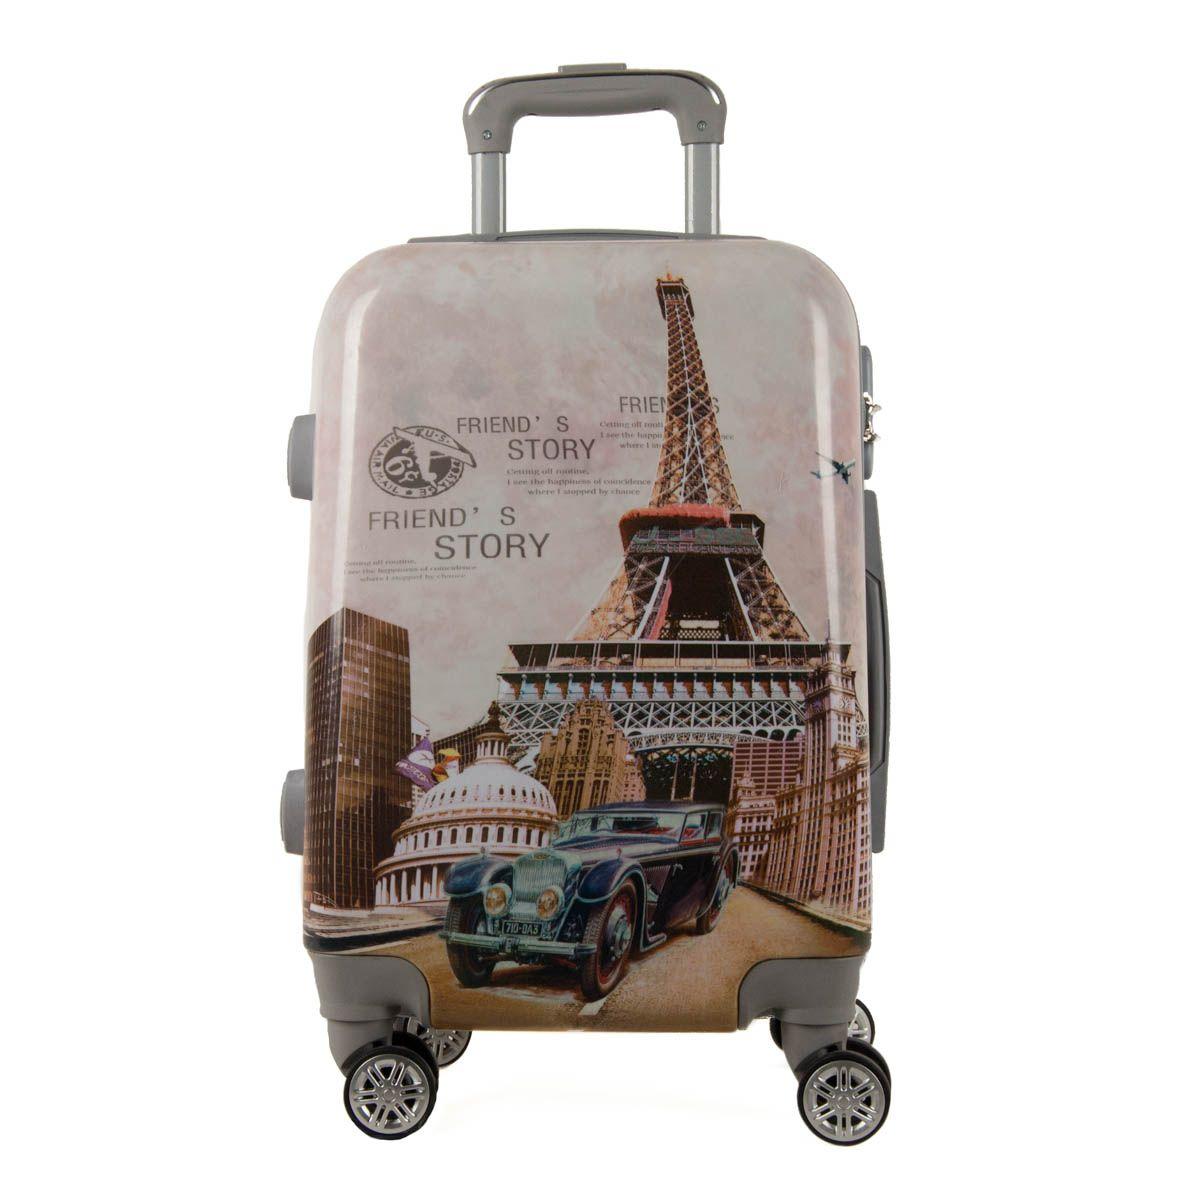 Montevita Abs Suitcase in Multicolour